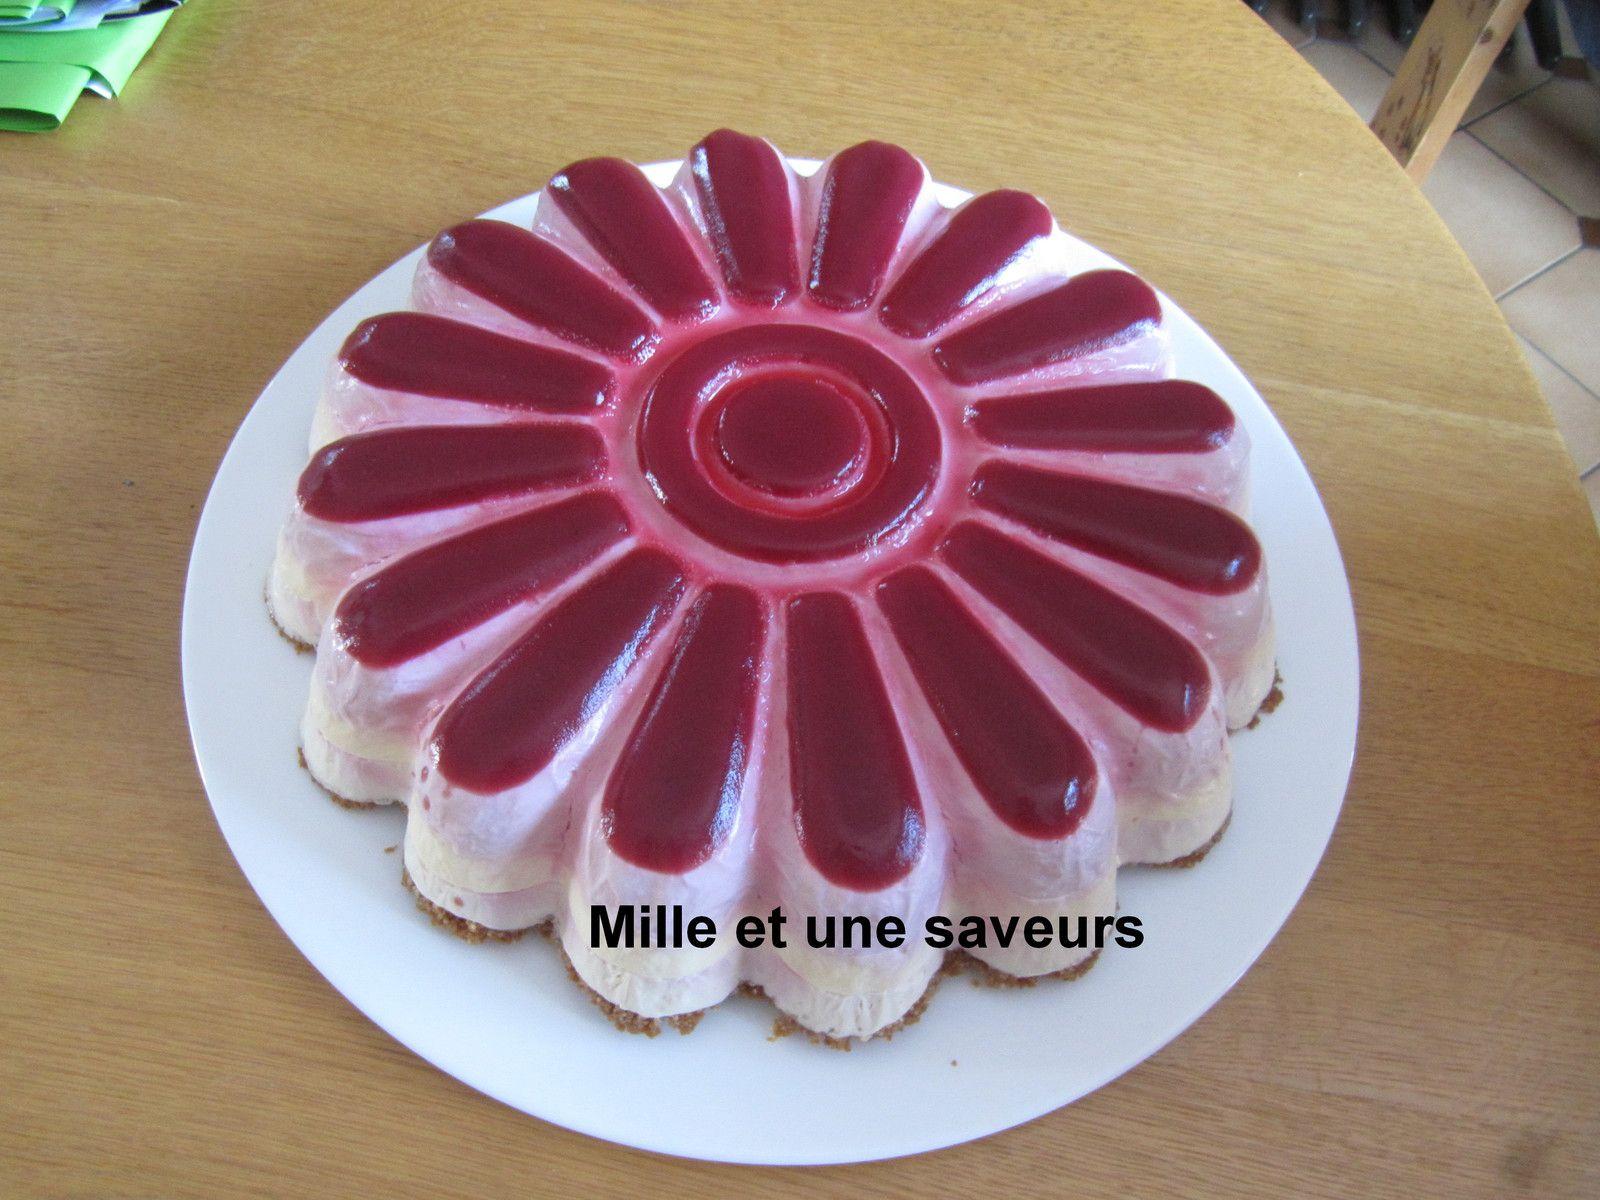 Tournesol aux fruits rouges, mangue/passion, vanille fève de tonka sans cuisson